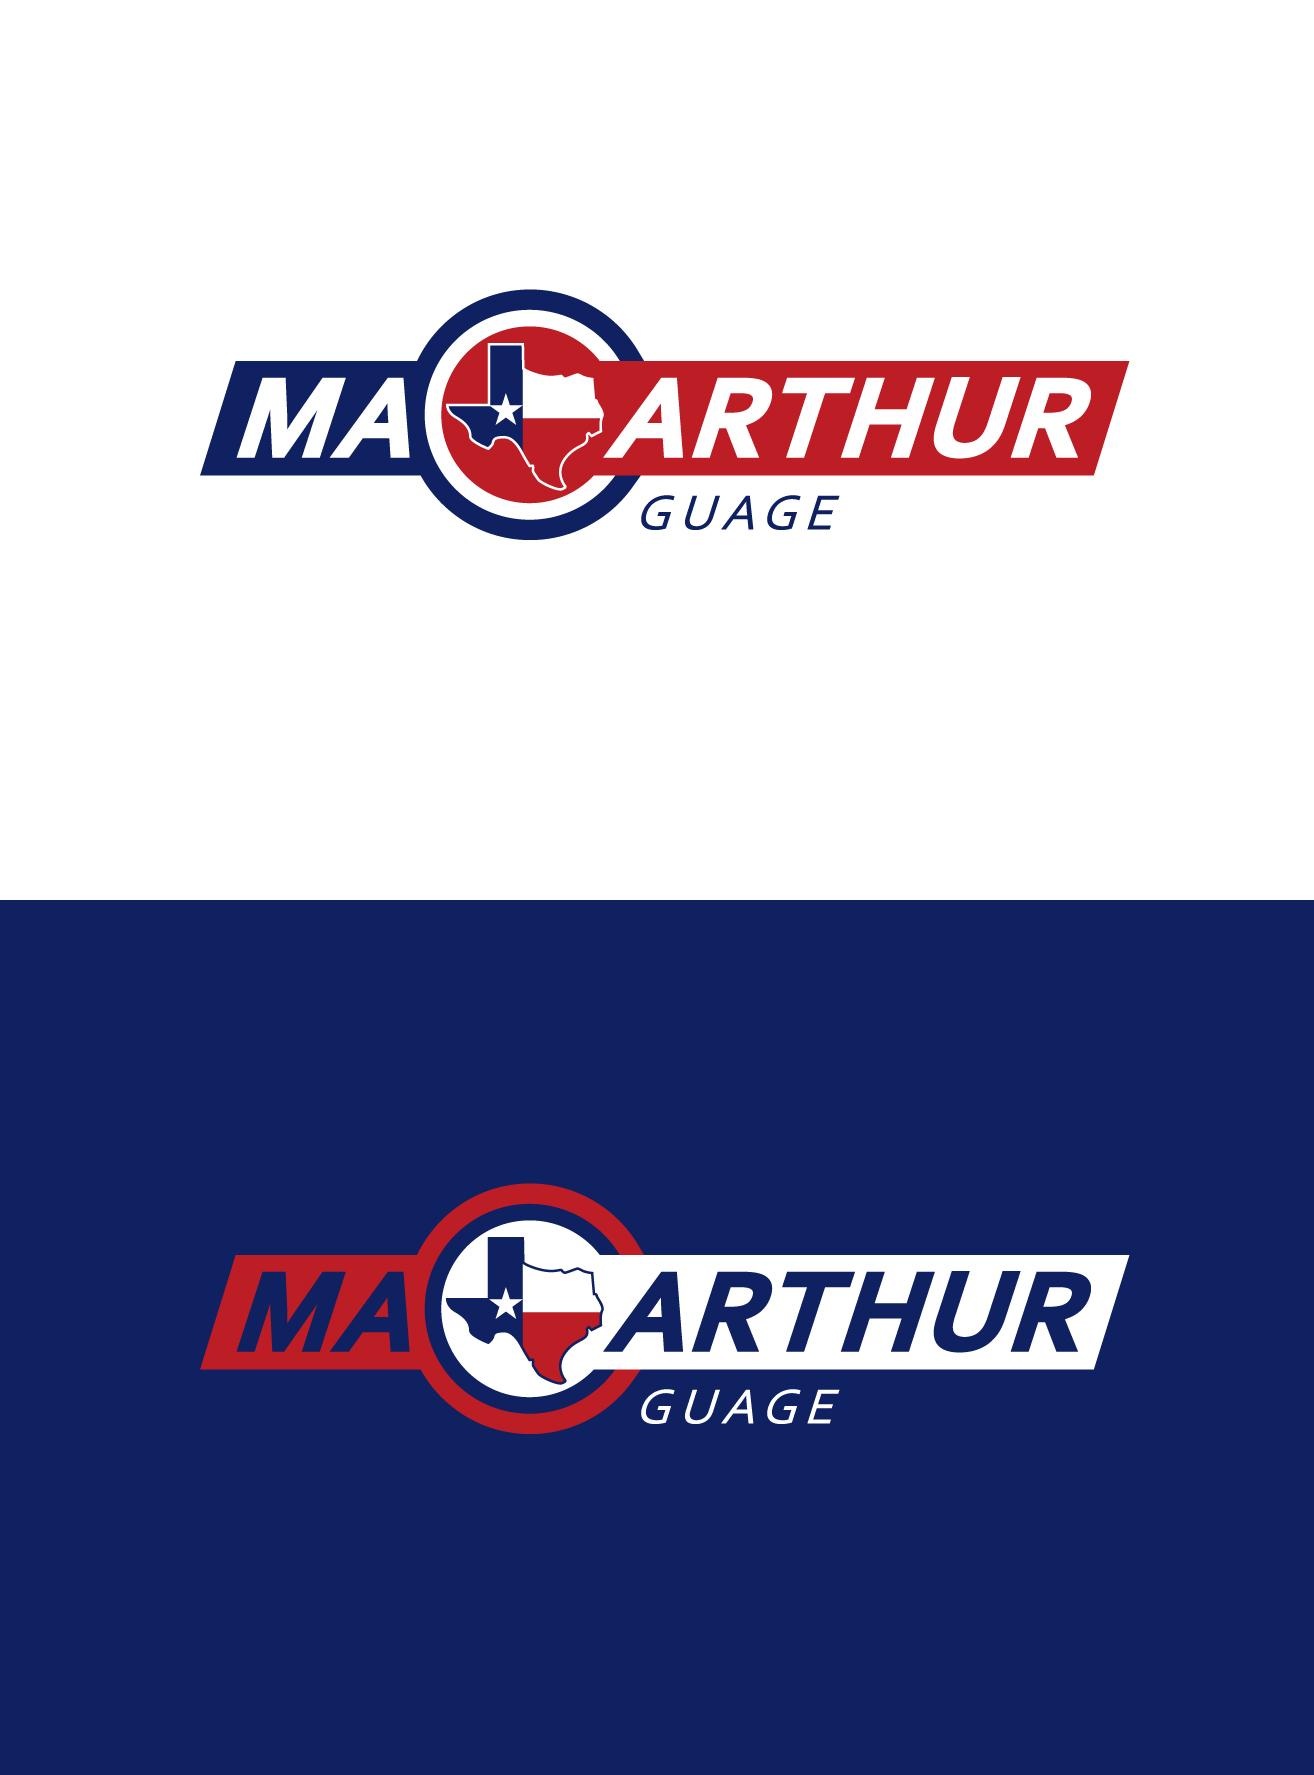 Logo Design by Wilfredo Mendoza - Entry No. 224 in the Logo Design Contest Fun Logo Design for MacArthur Gauge.